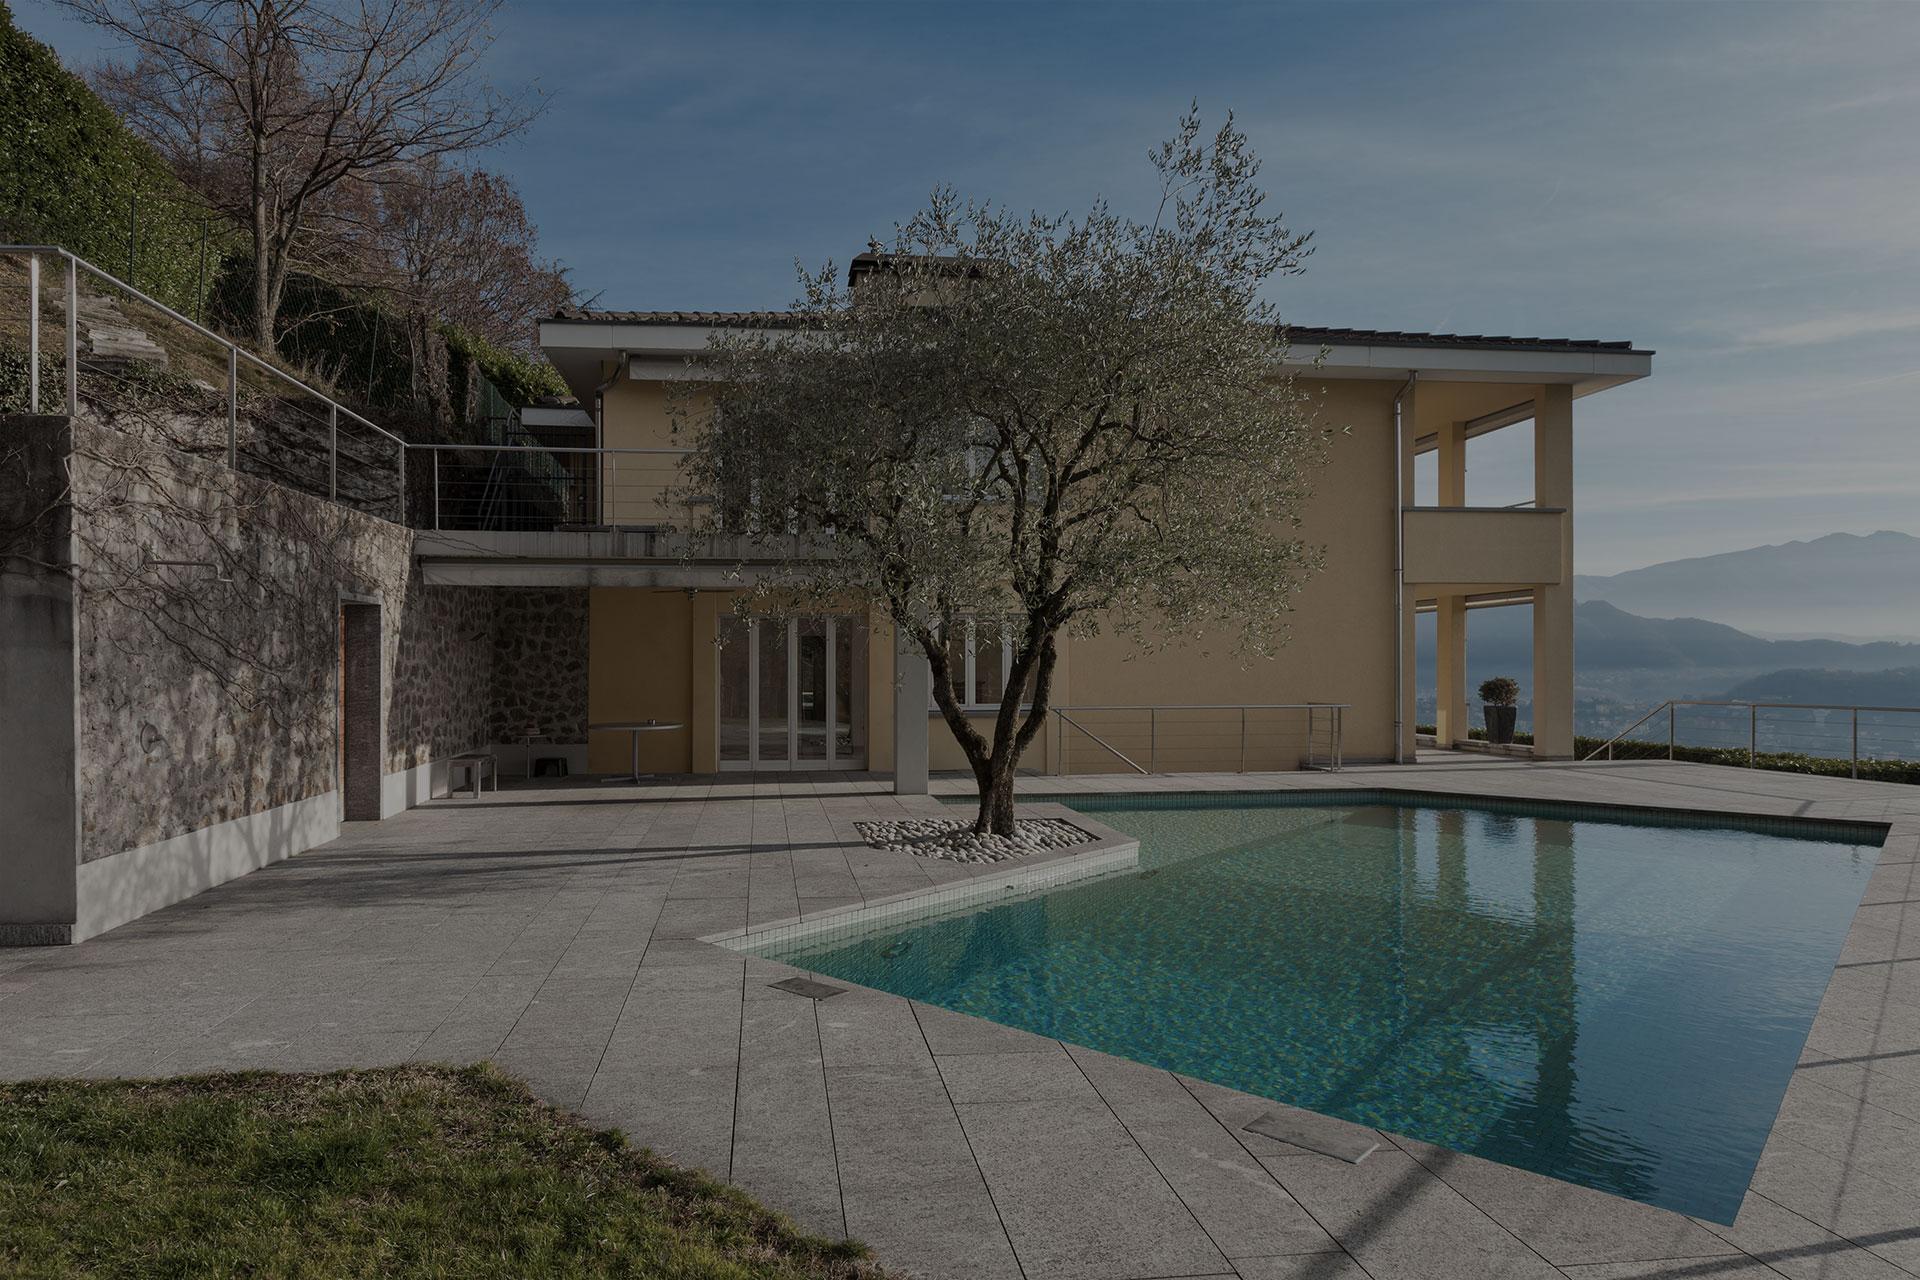 Haus mit Pool, Natursteinpflasterung und Garten in der Steiermark